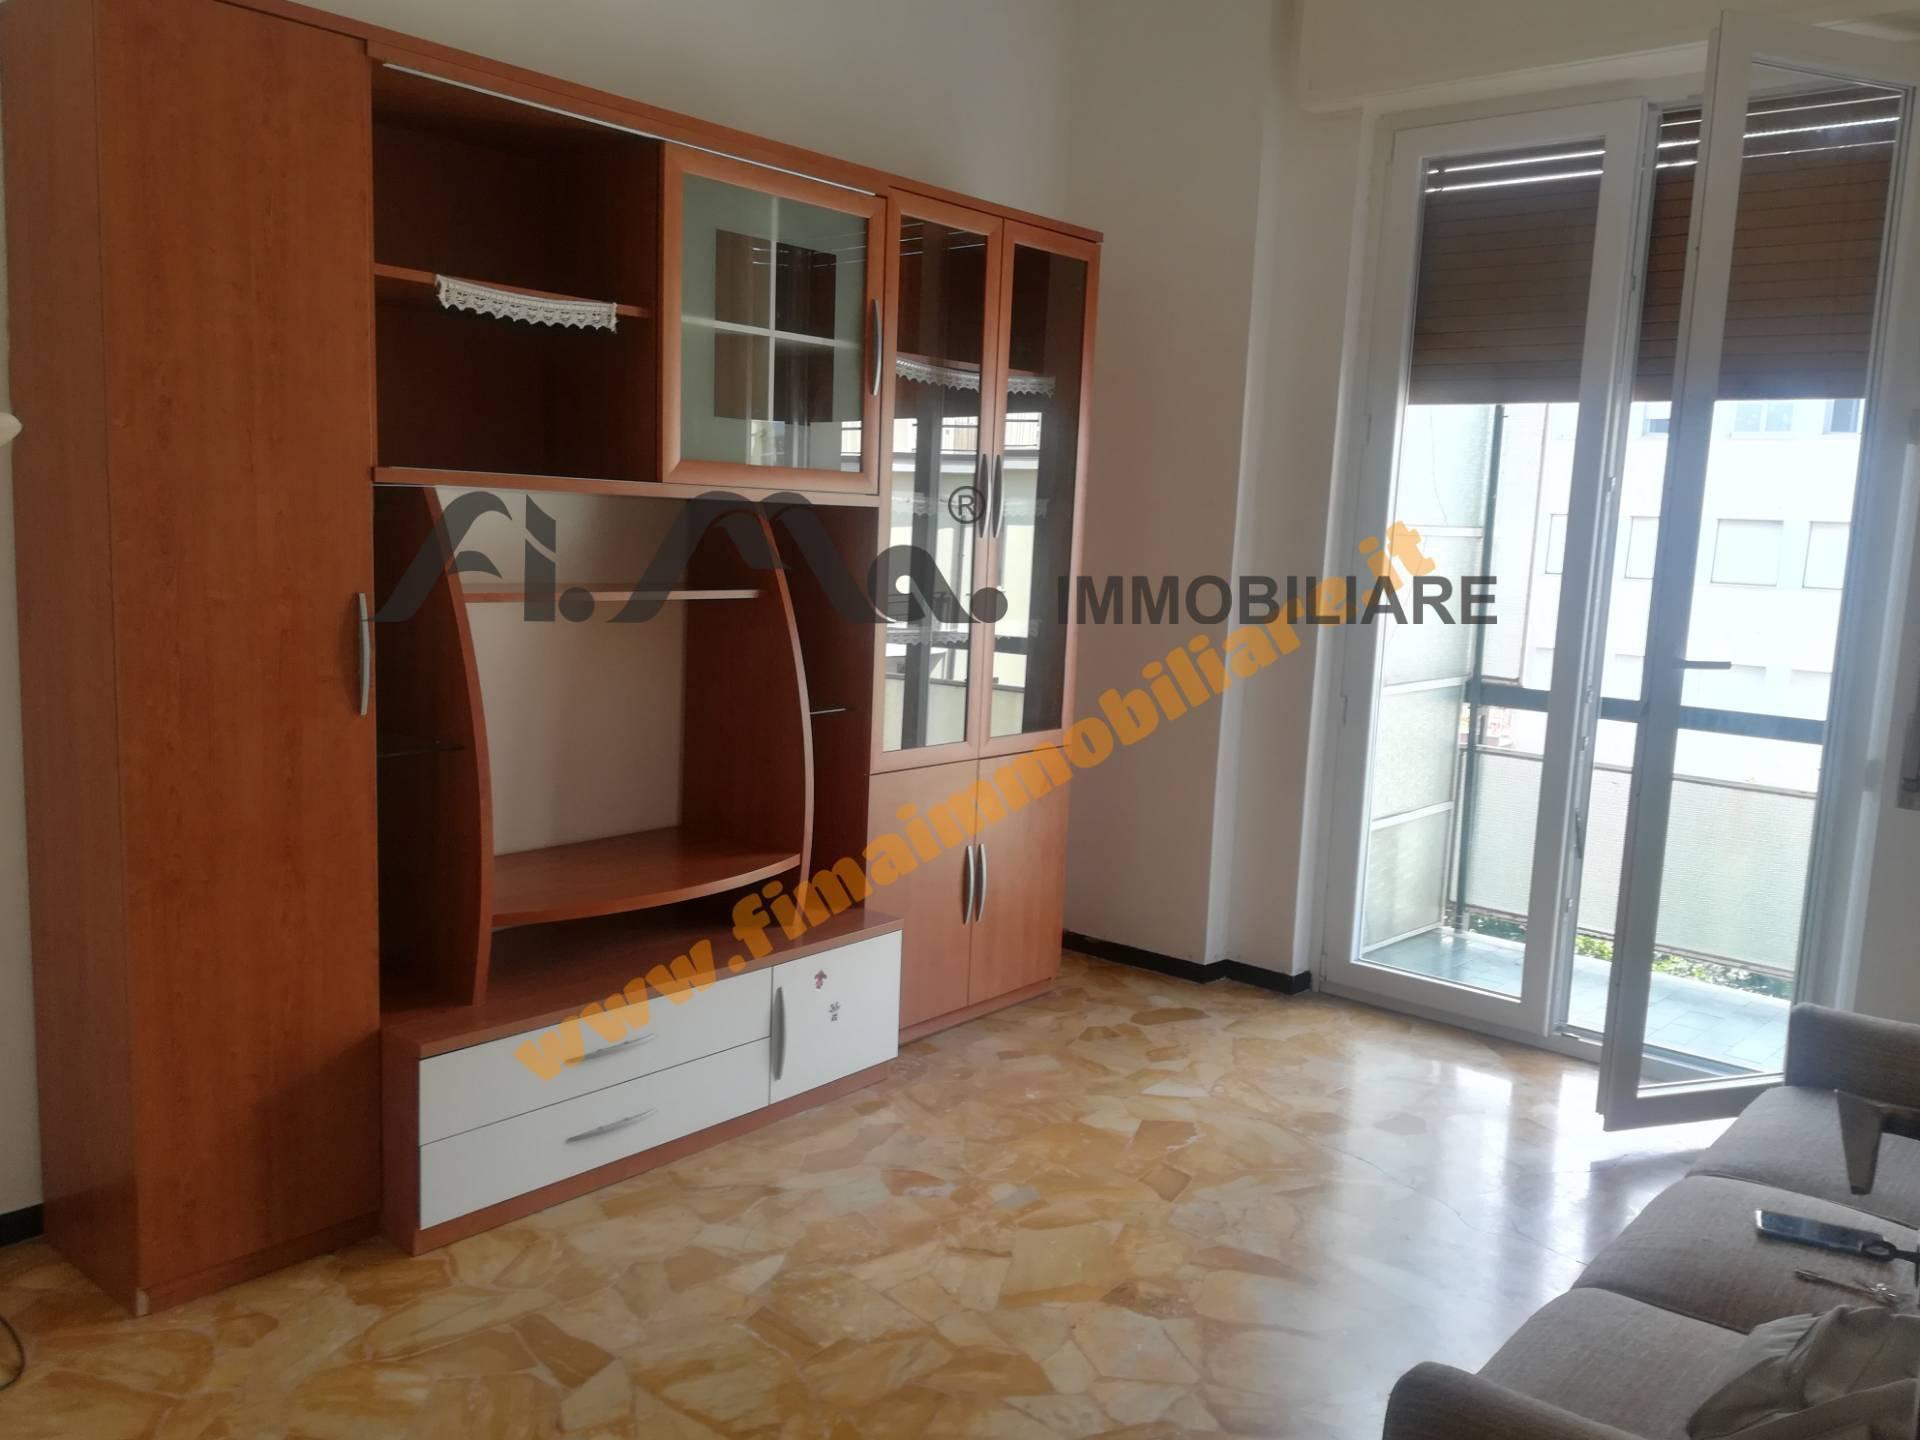 Appartamento in affitto a Savona, 4 locali, prezzo € 450 | PortaleAgenzieImmobiliari.it